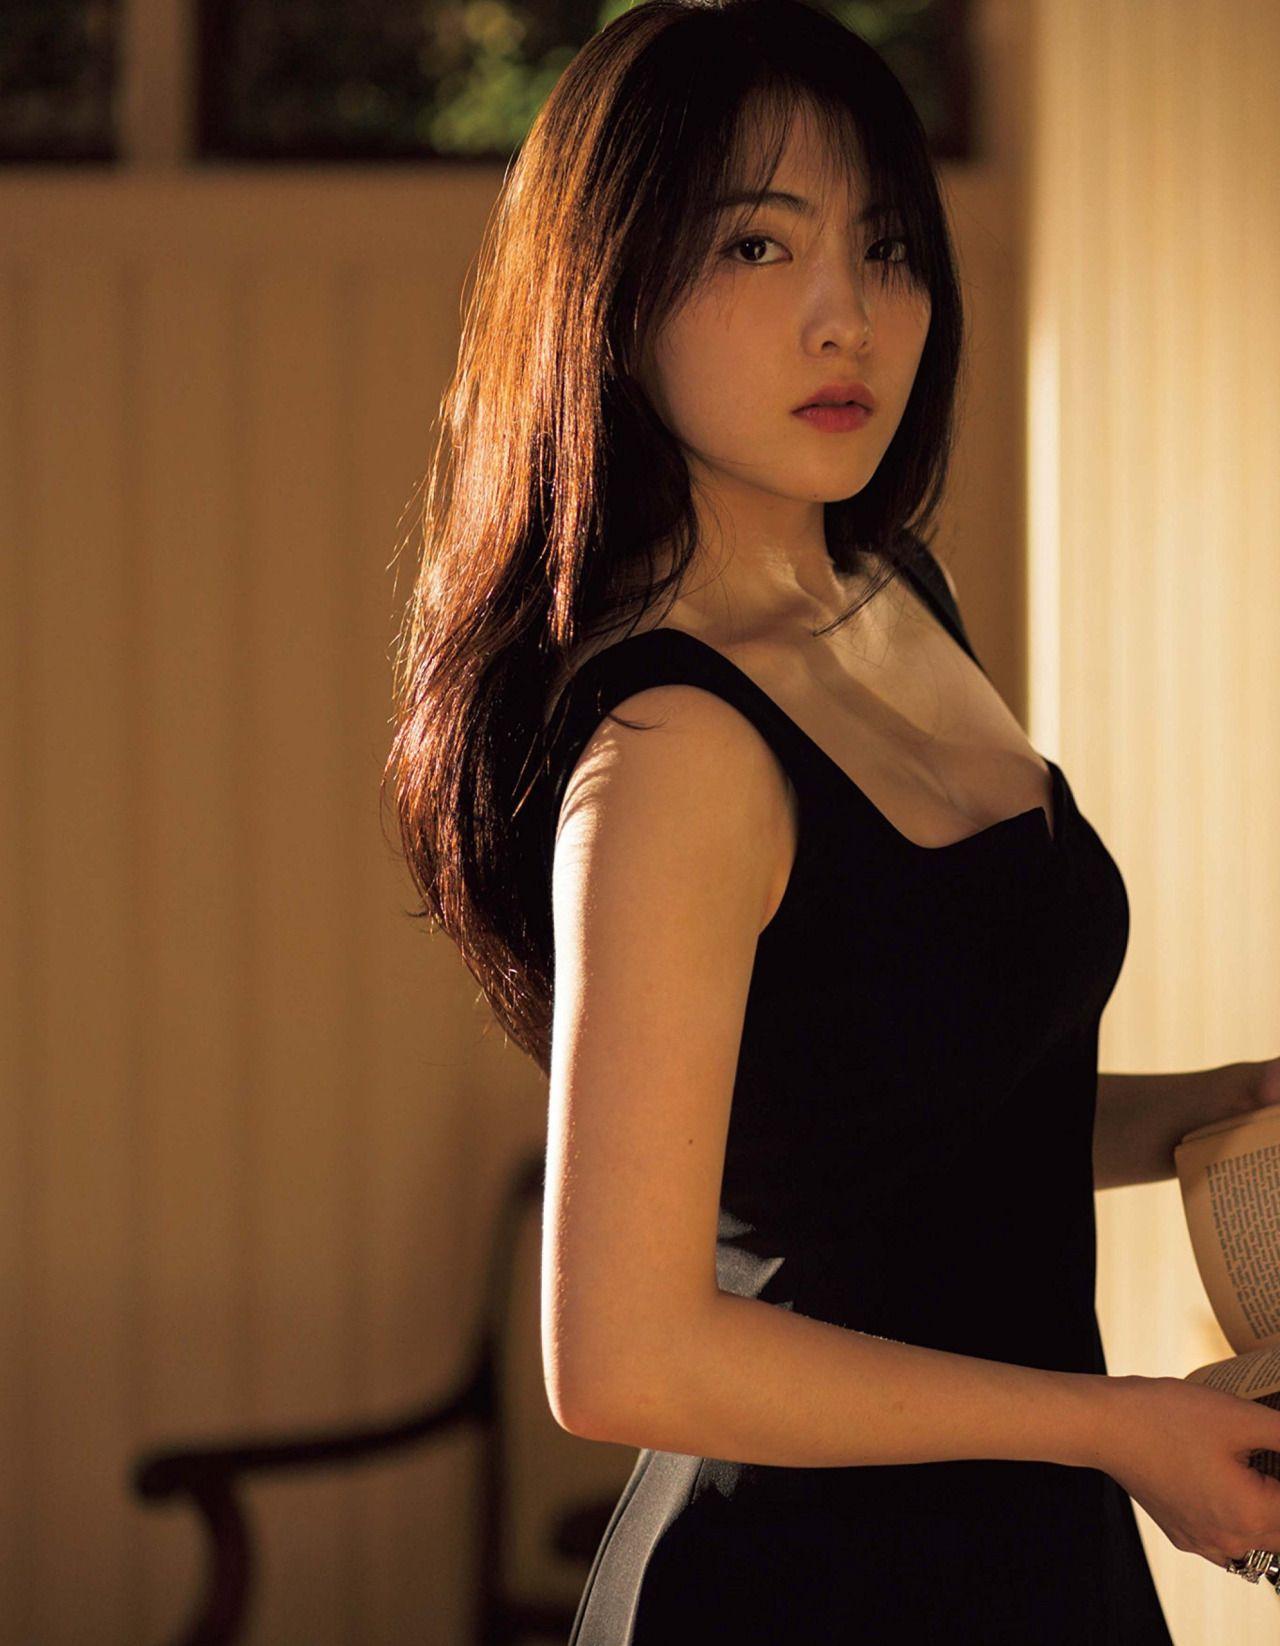 Gameshow asian girls sexy calendar